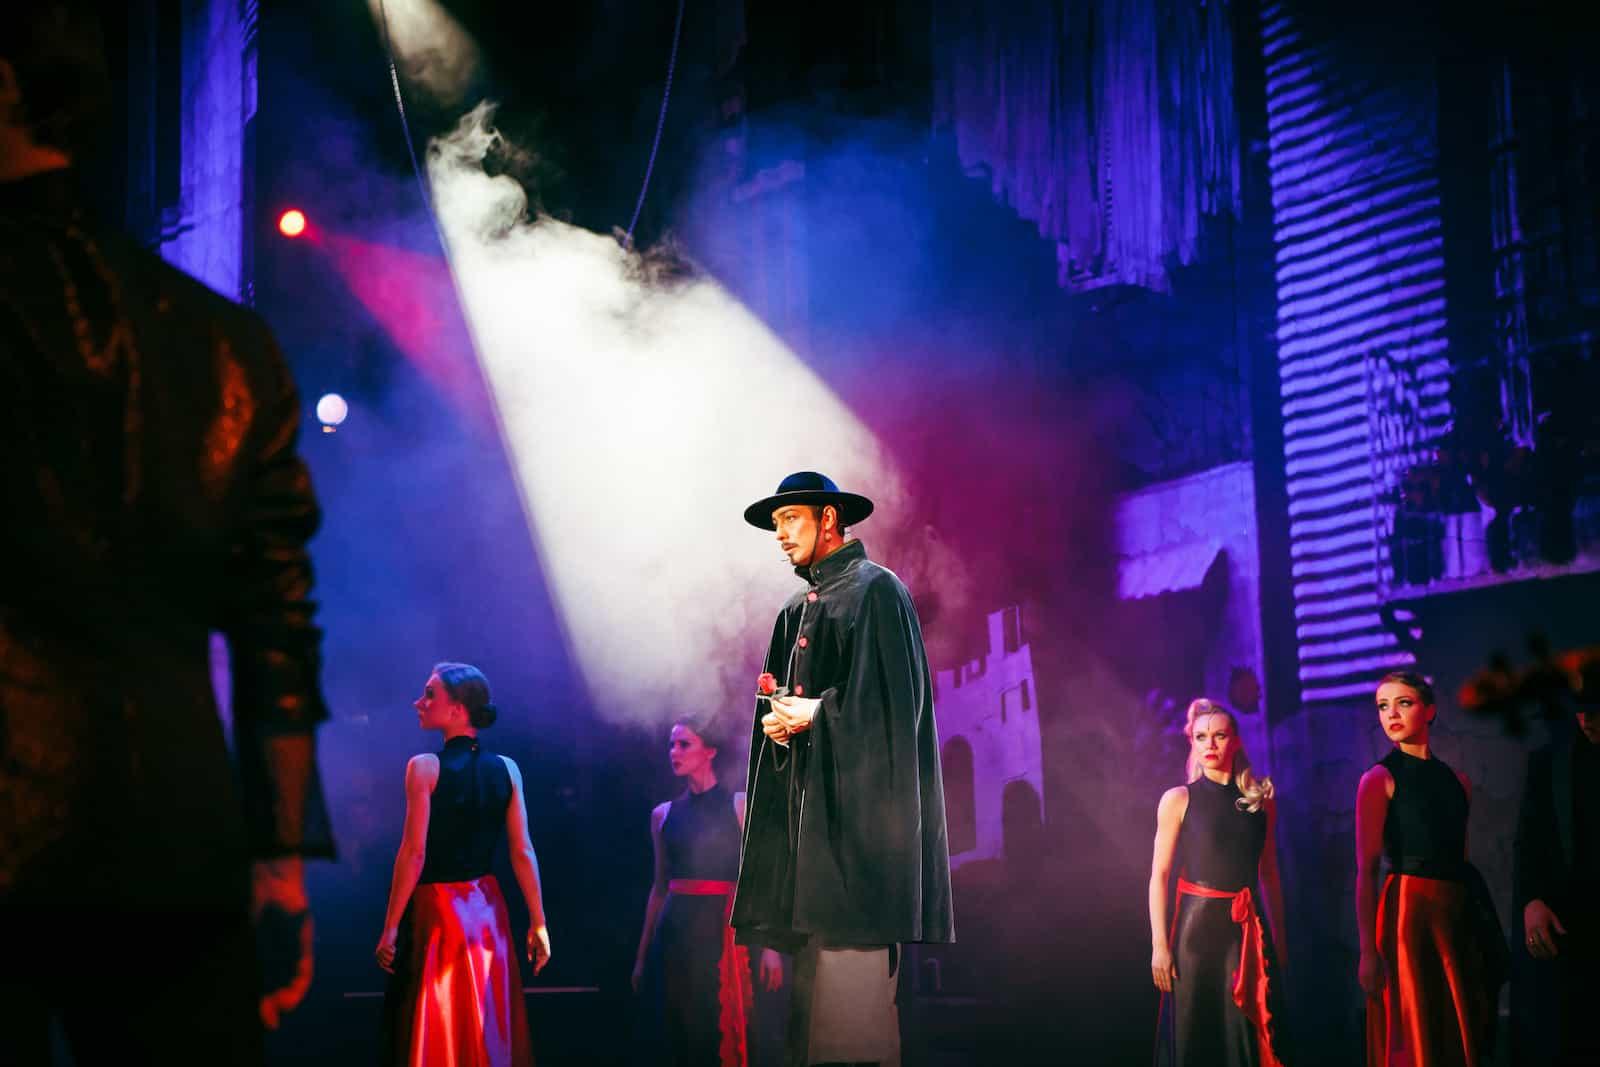 Опера-танго «Мария де Буэнос-Айрес» премьера